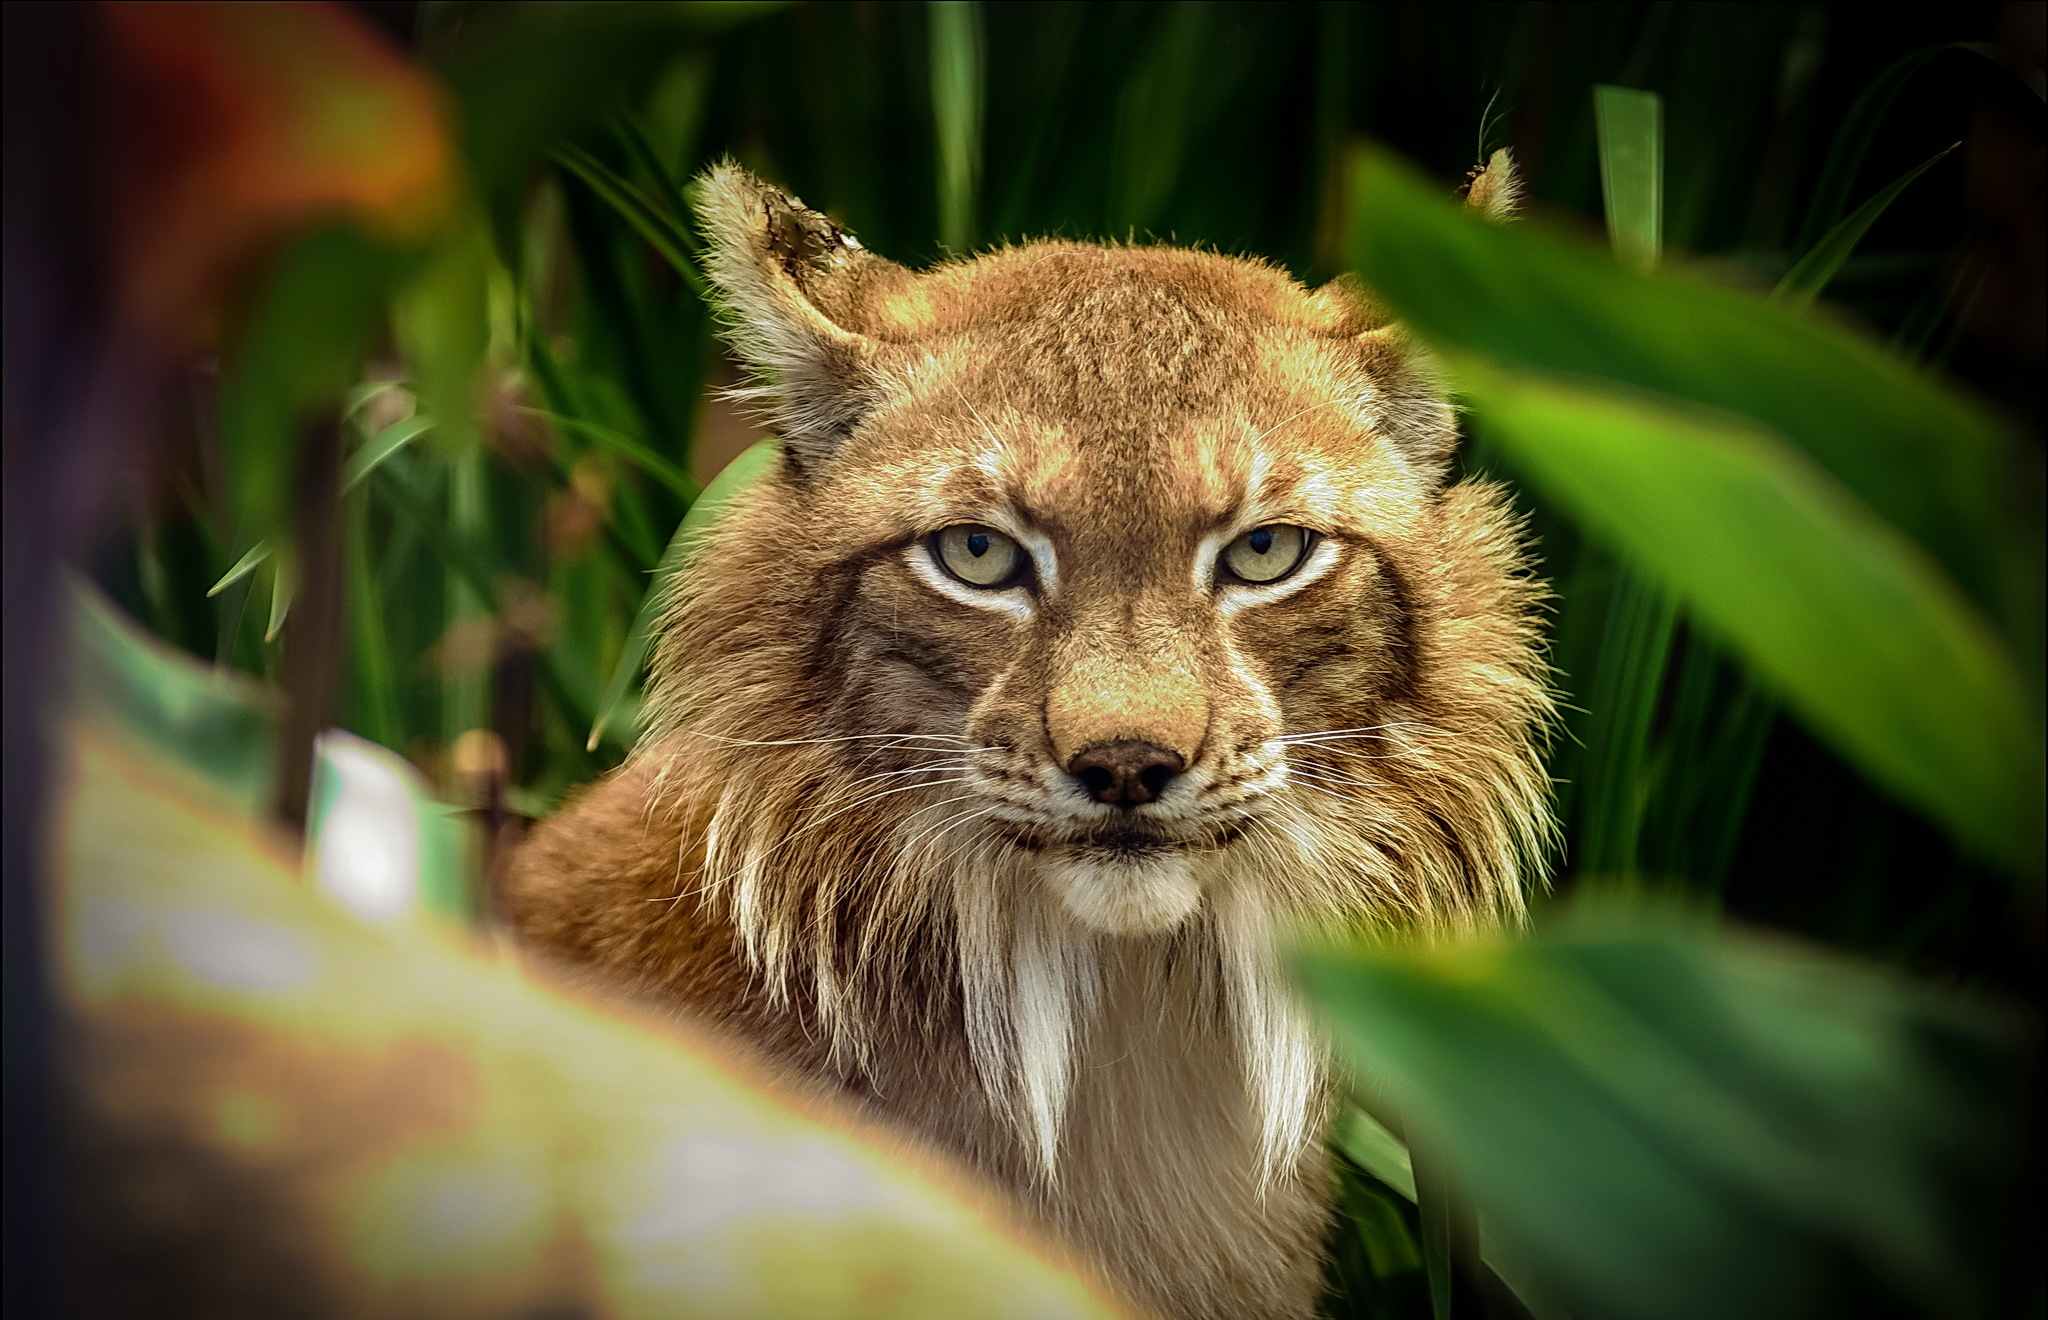 Hd Cute Kitten Wallpaper Lynx Hd Wallpaper Background Image 2048x1320 Id